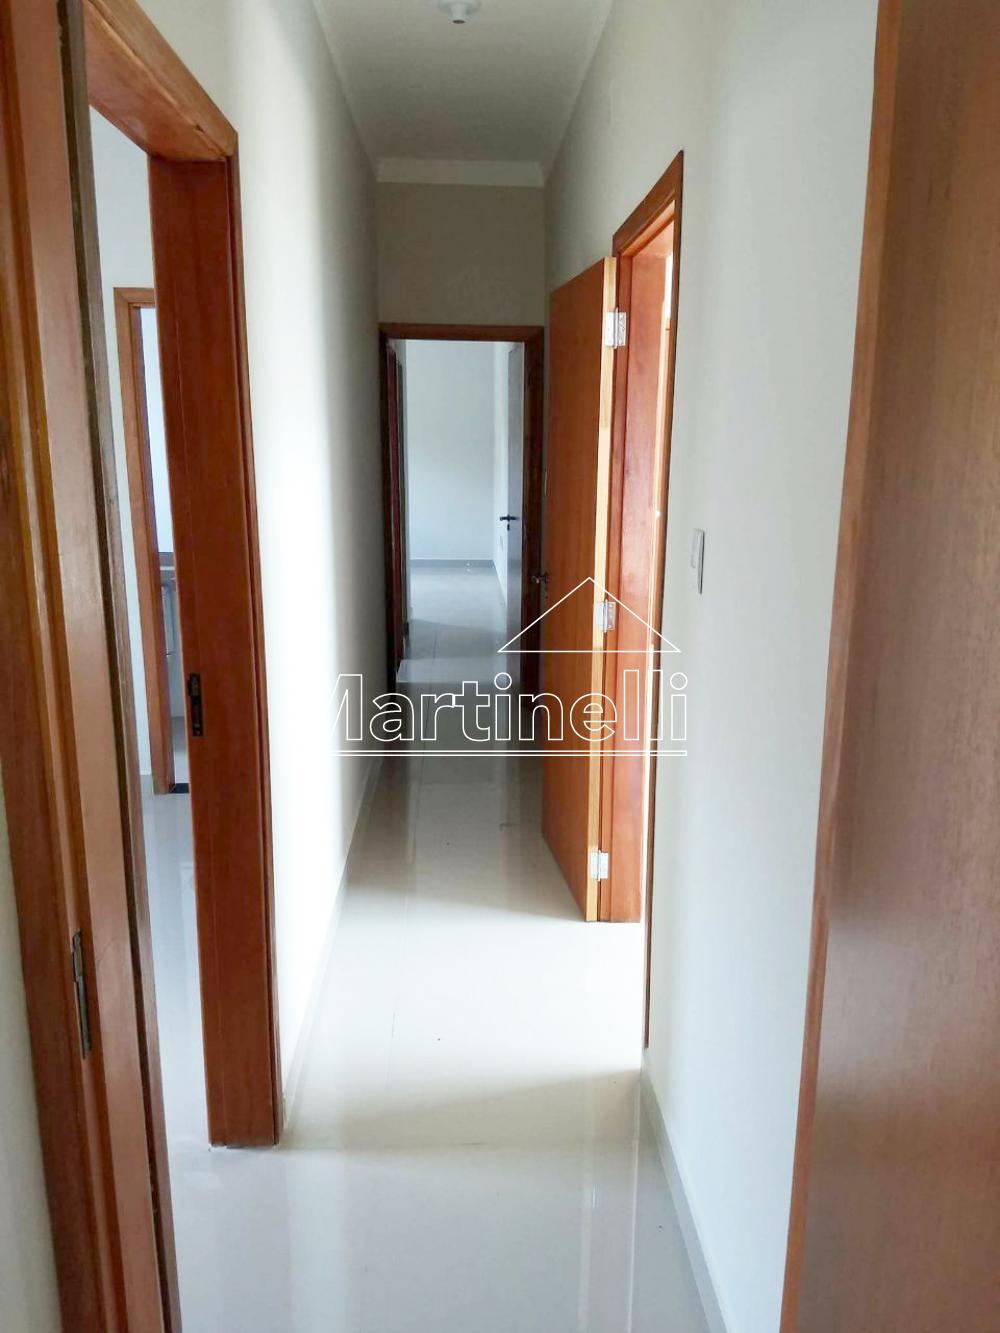 Comprar Casa / Condomínio em Bonfim Paulista apenas R$ 630.000,00 - Foto 12